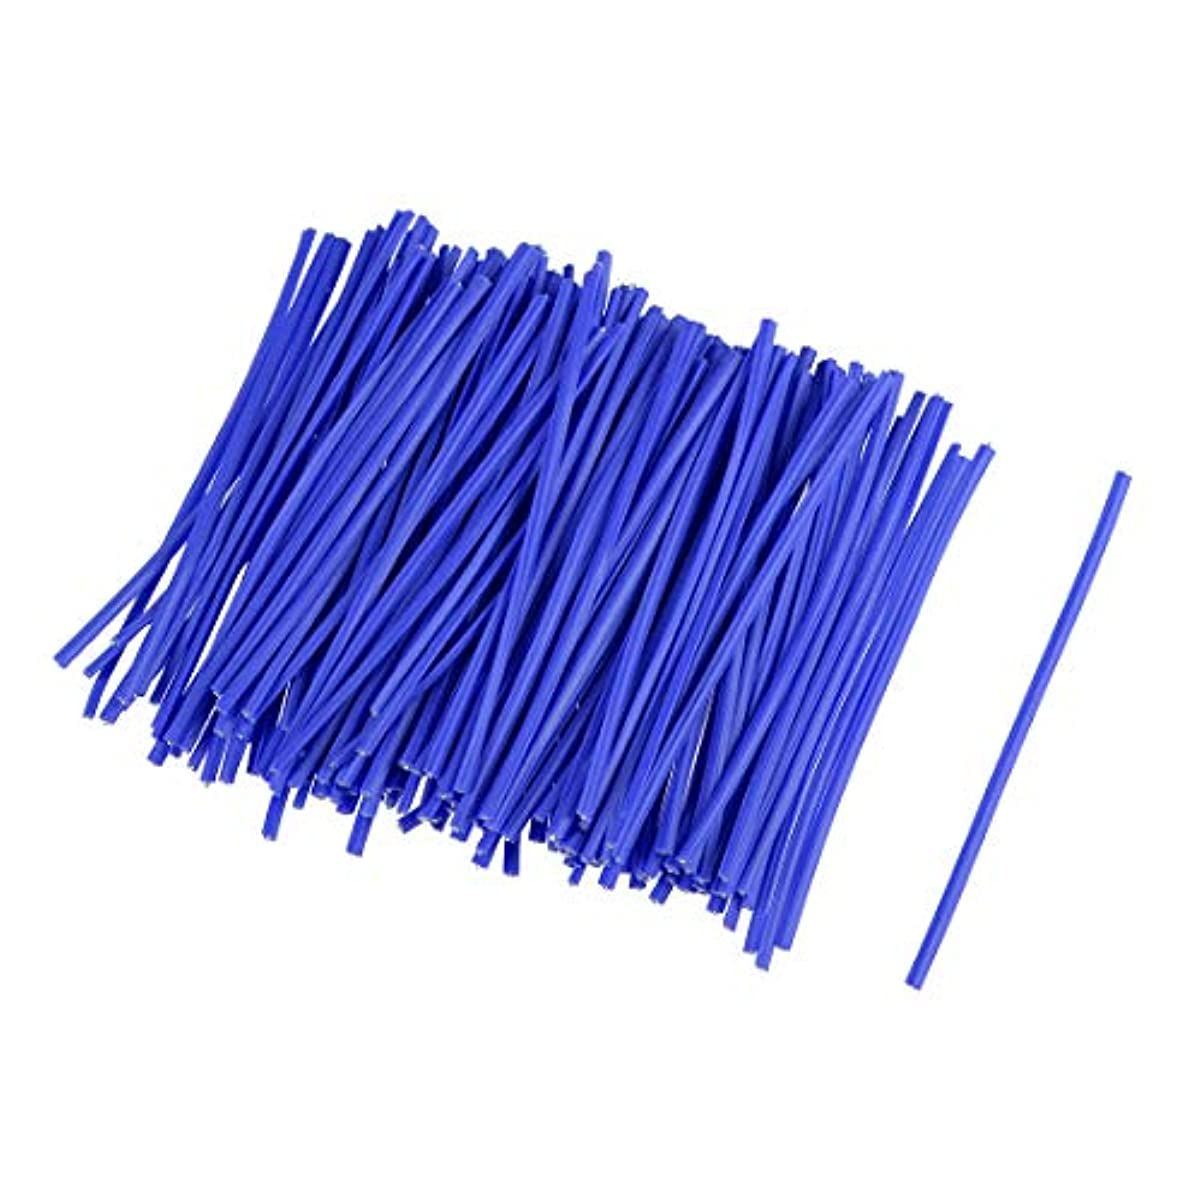 チケット繊維取り囲むuxcell ツイストタイ コードワイヤータイ ケーブルコードタイ 金属 プラスチック 長さ7.6cm 再利用可能 ブルー 500個入り